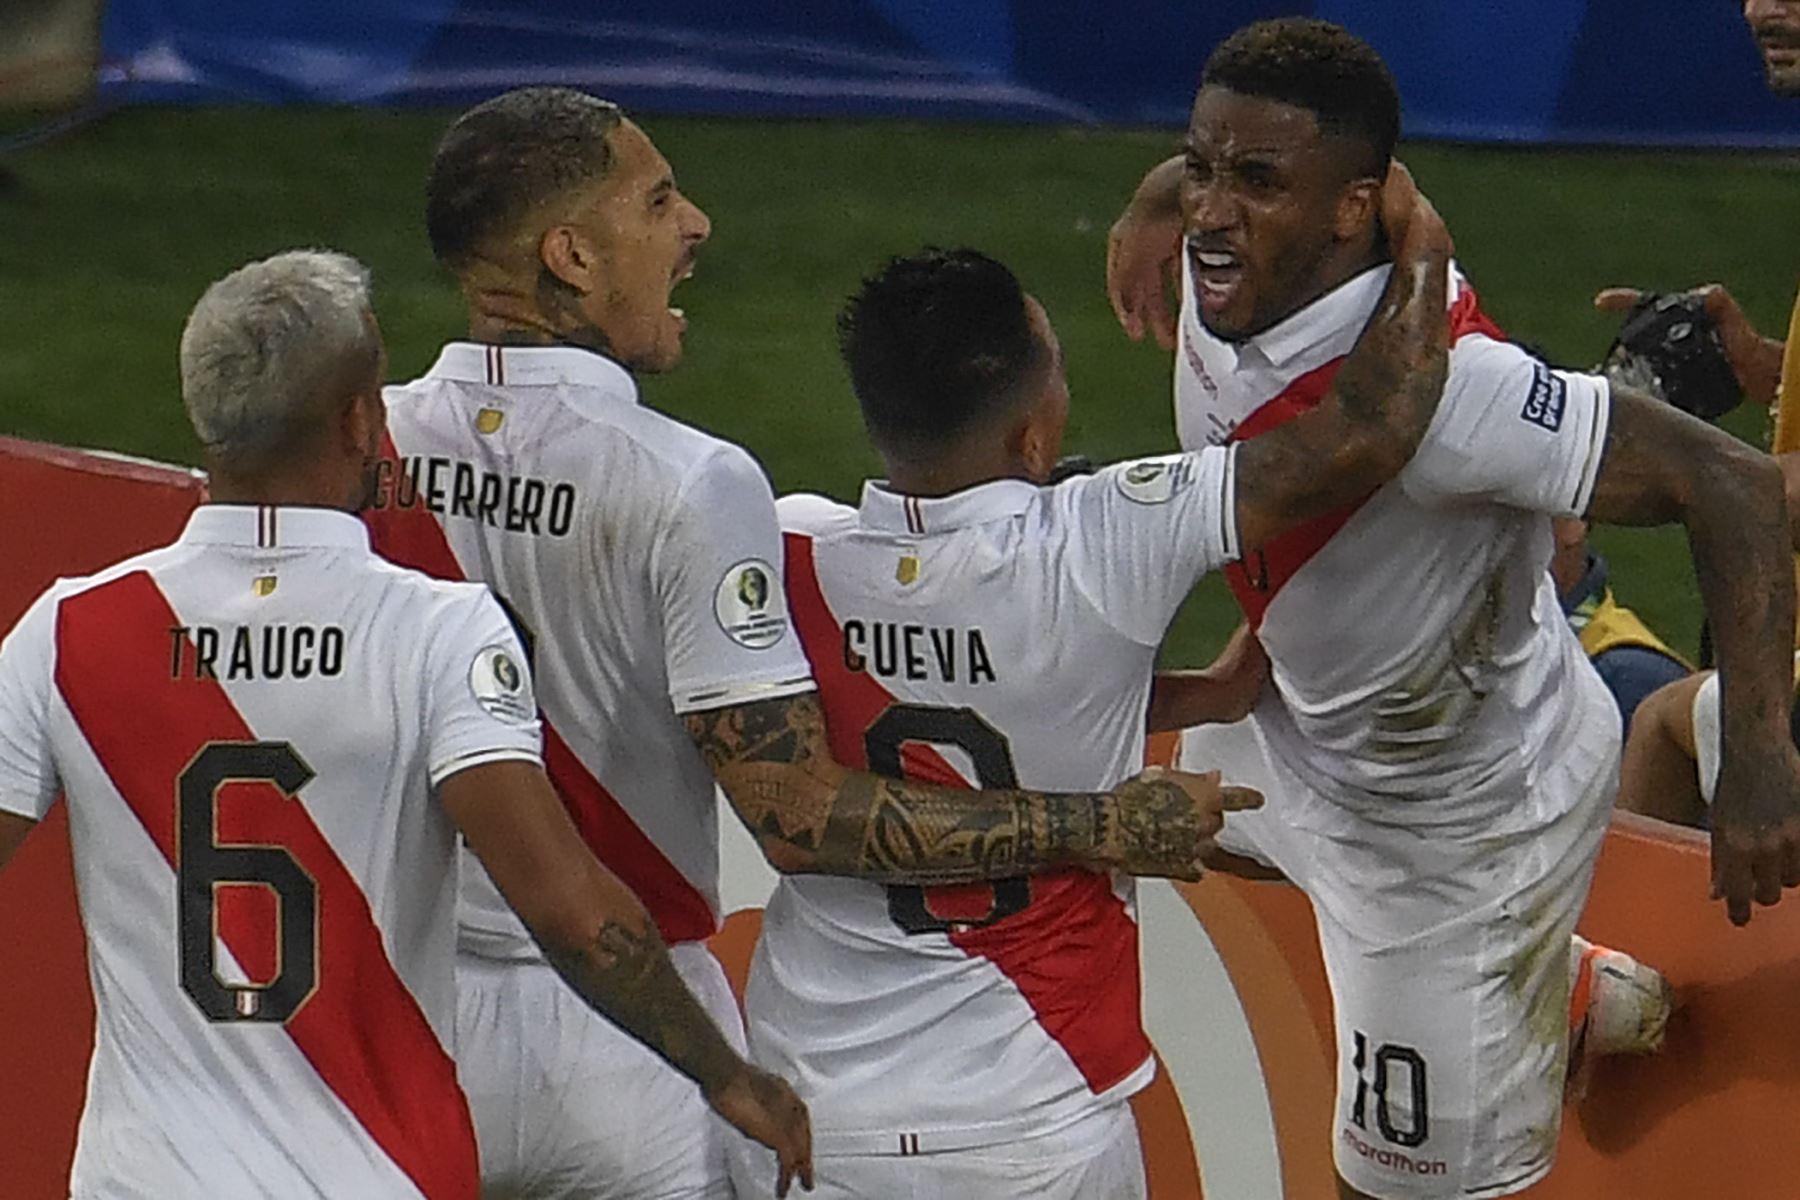 Jefferson Farfan (R), de Perú, celebra con sus compañeros de equipo después de anotar contra Bolivia durante el partido de fútbol por la Copa América en el estadio Maracana en Río de Janeiro, Brasil. Foto: AFP